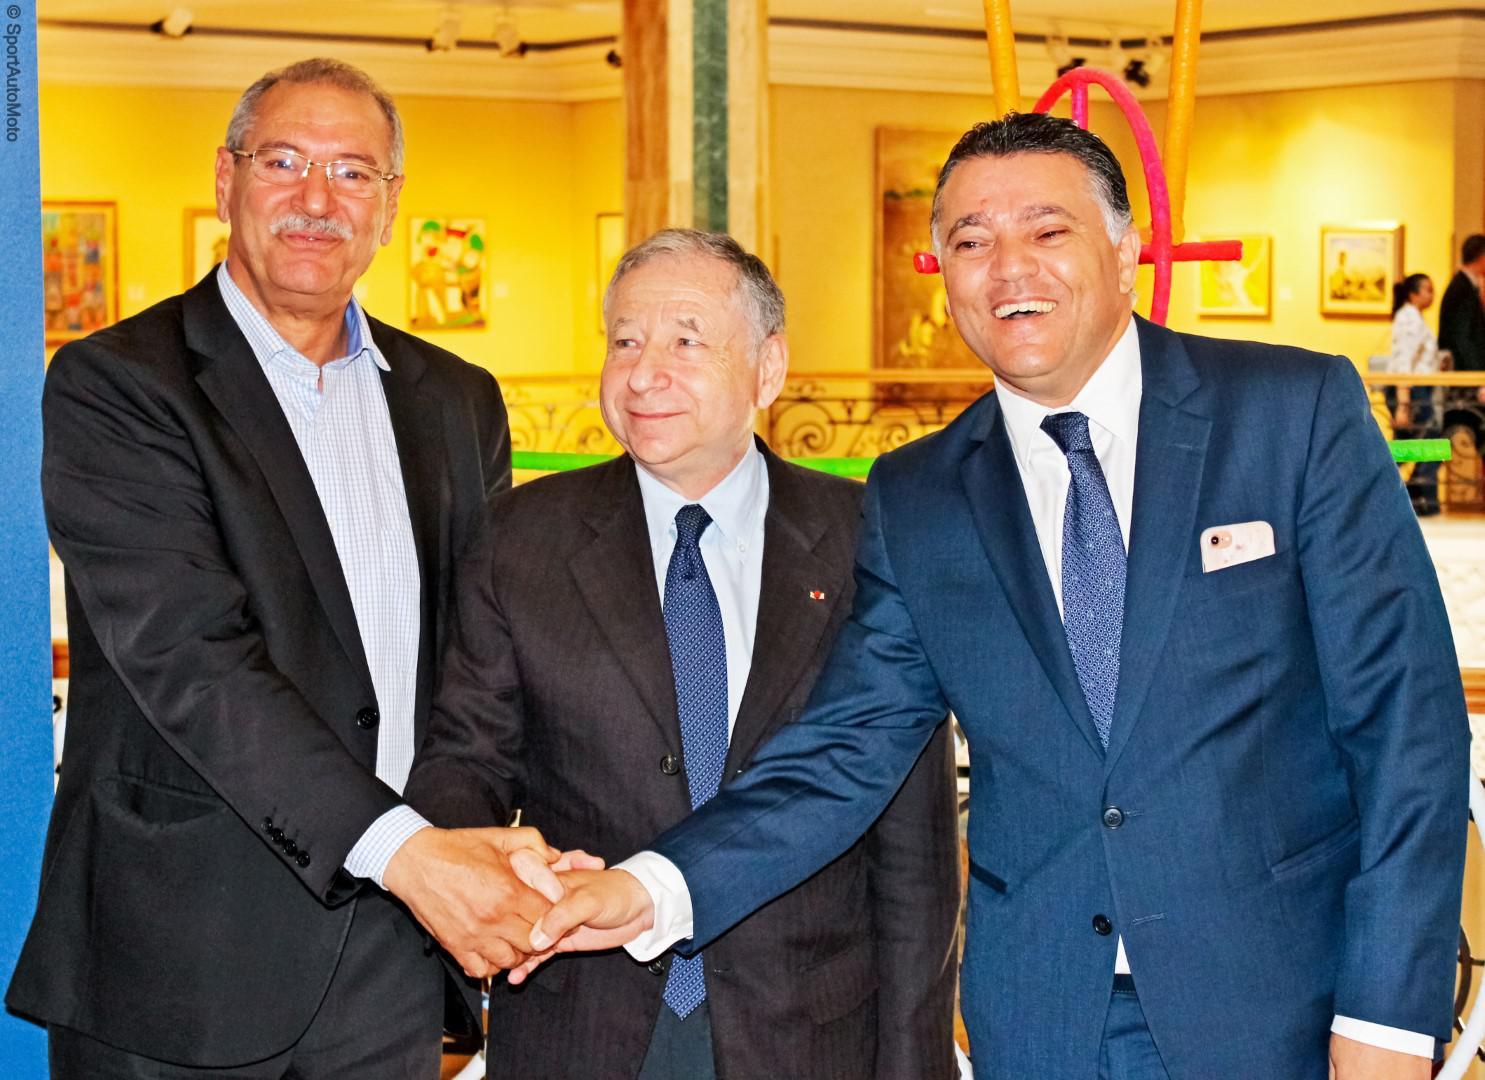 mobilite-club-maroc-mcm-devoile-son-programme-et-ses-partenariats-786-18.jpg